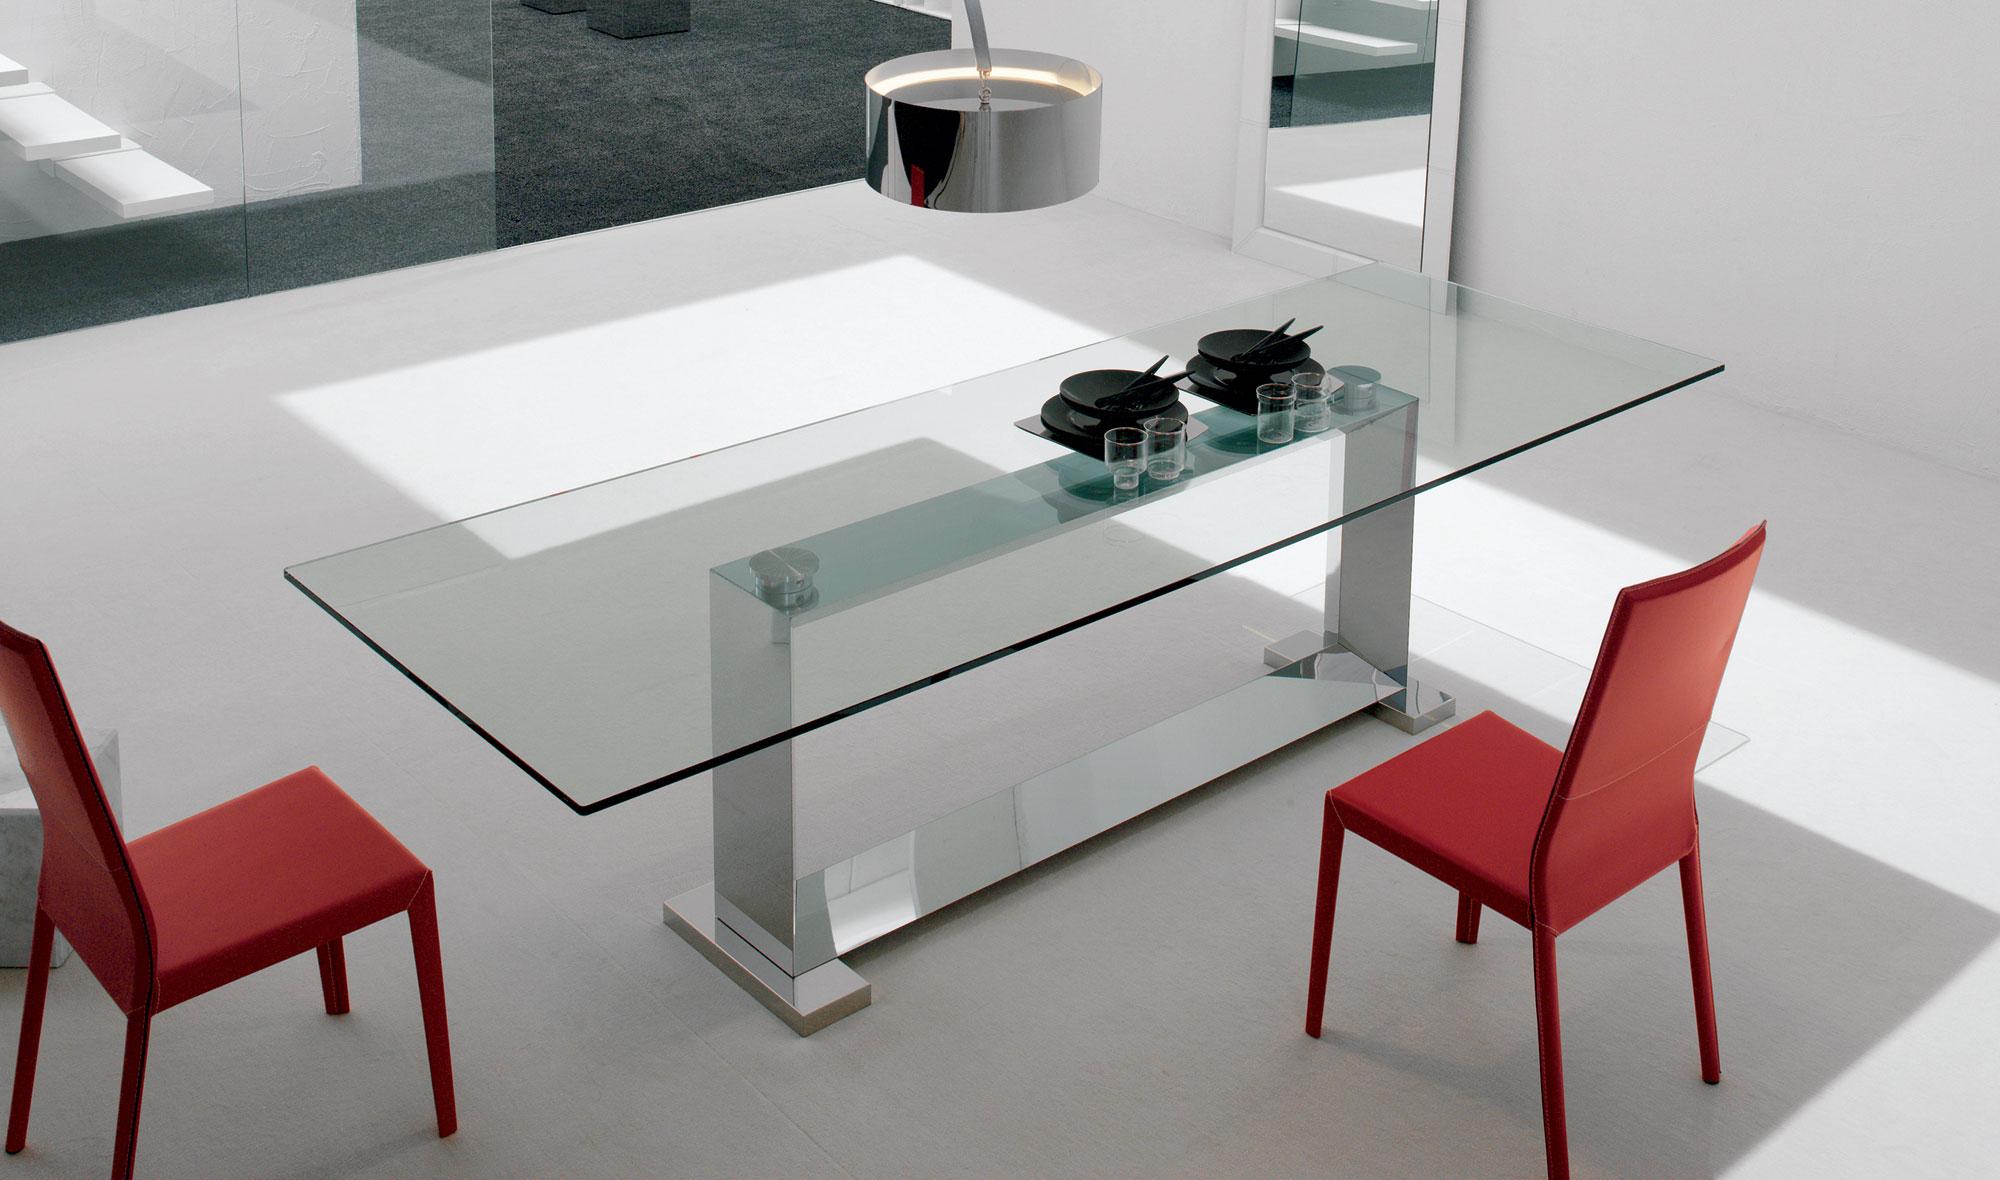 Mesa de comedor grande moderna monaco de lujo en for Mesas redondas para comedor modernas